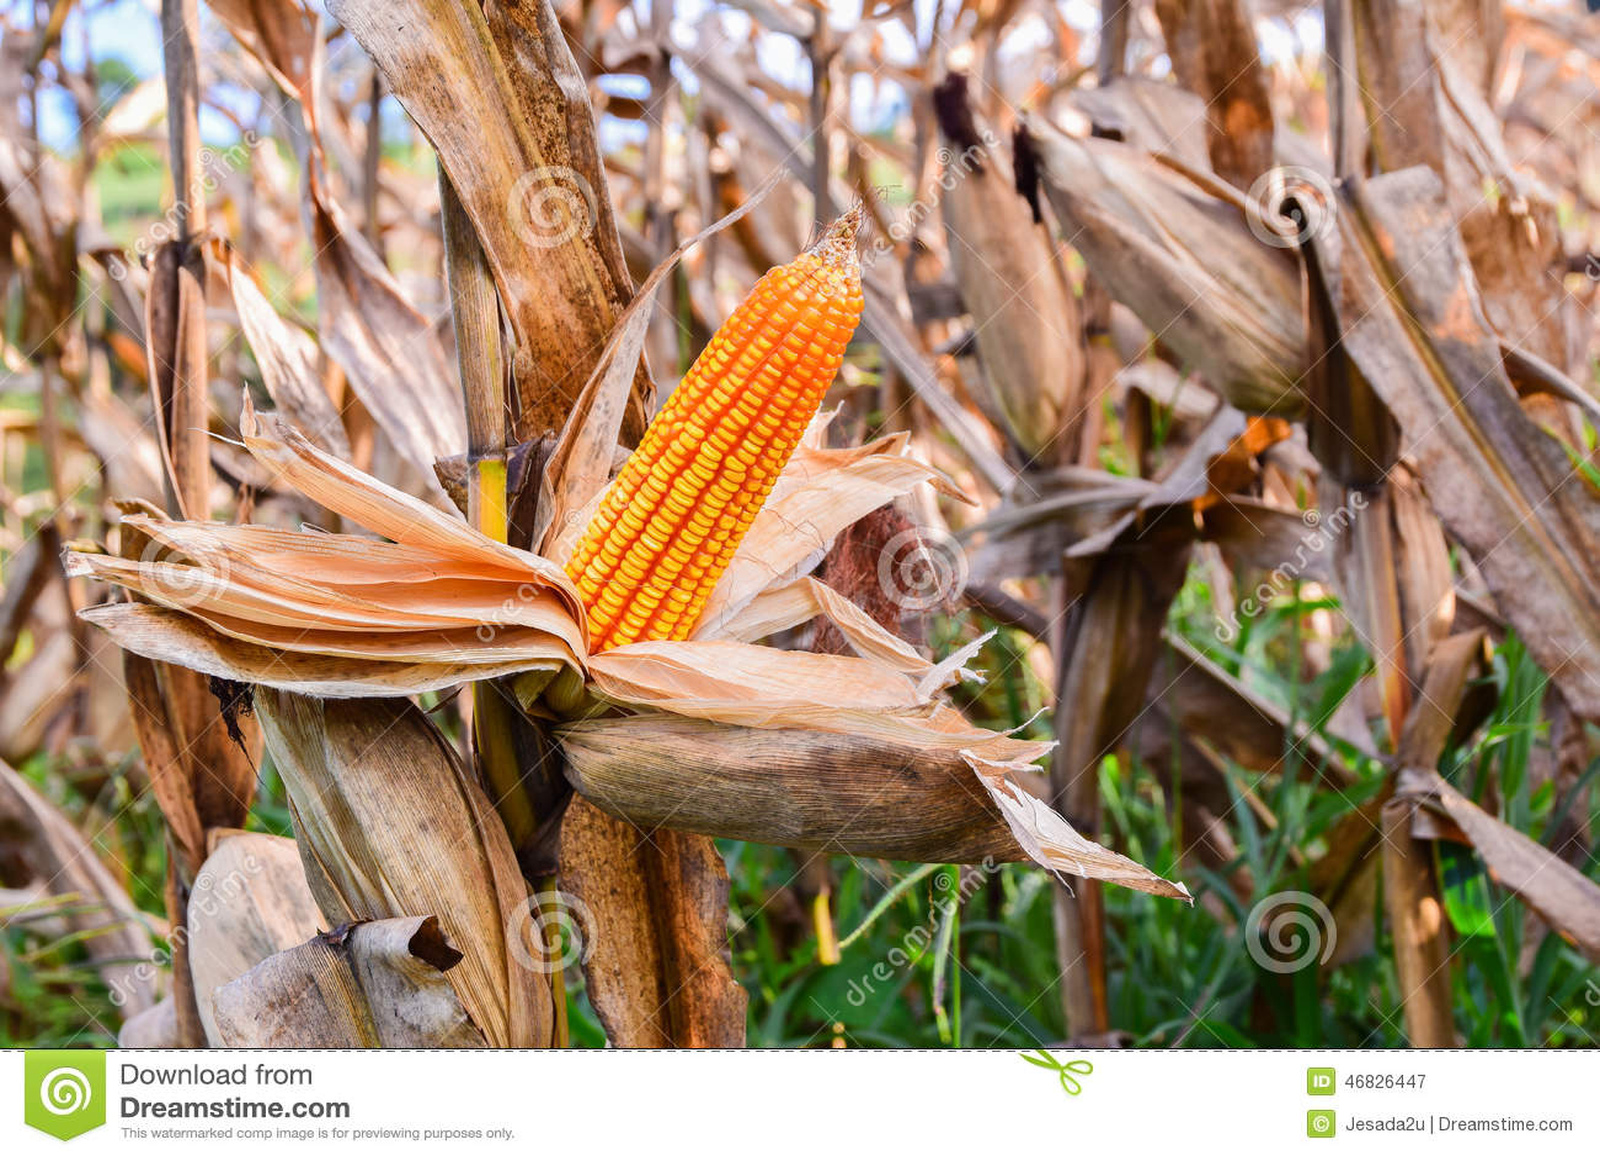 Обильный в кукурузных полях отразите солнечный свет , Выразить концепцию качества почвы, удобрение, или семя мозоли лучше